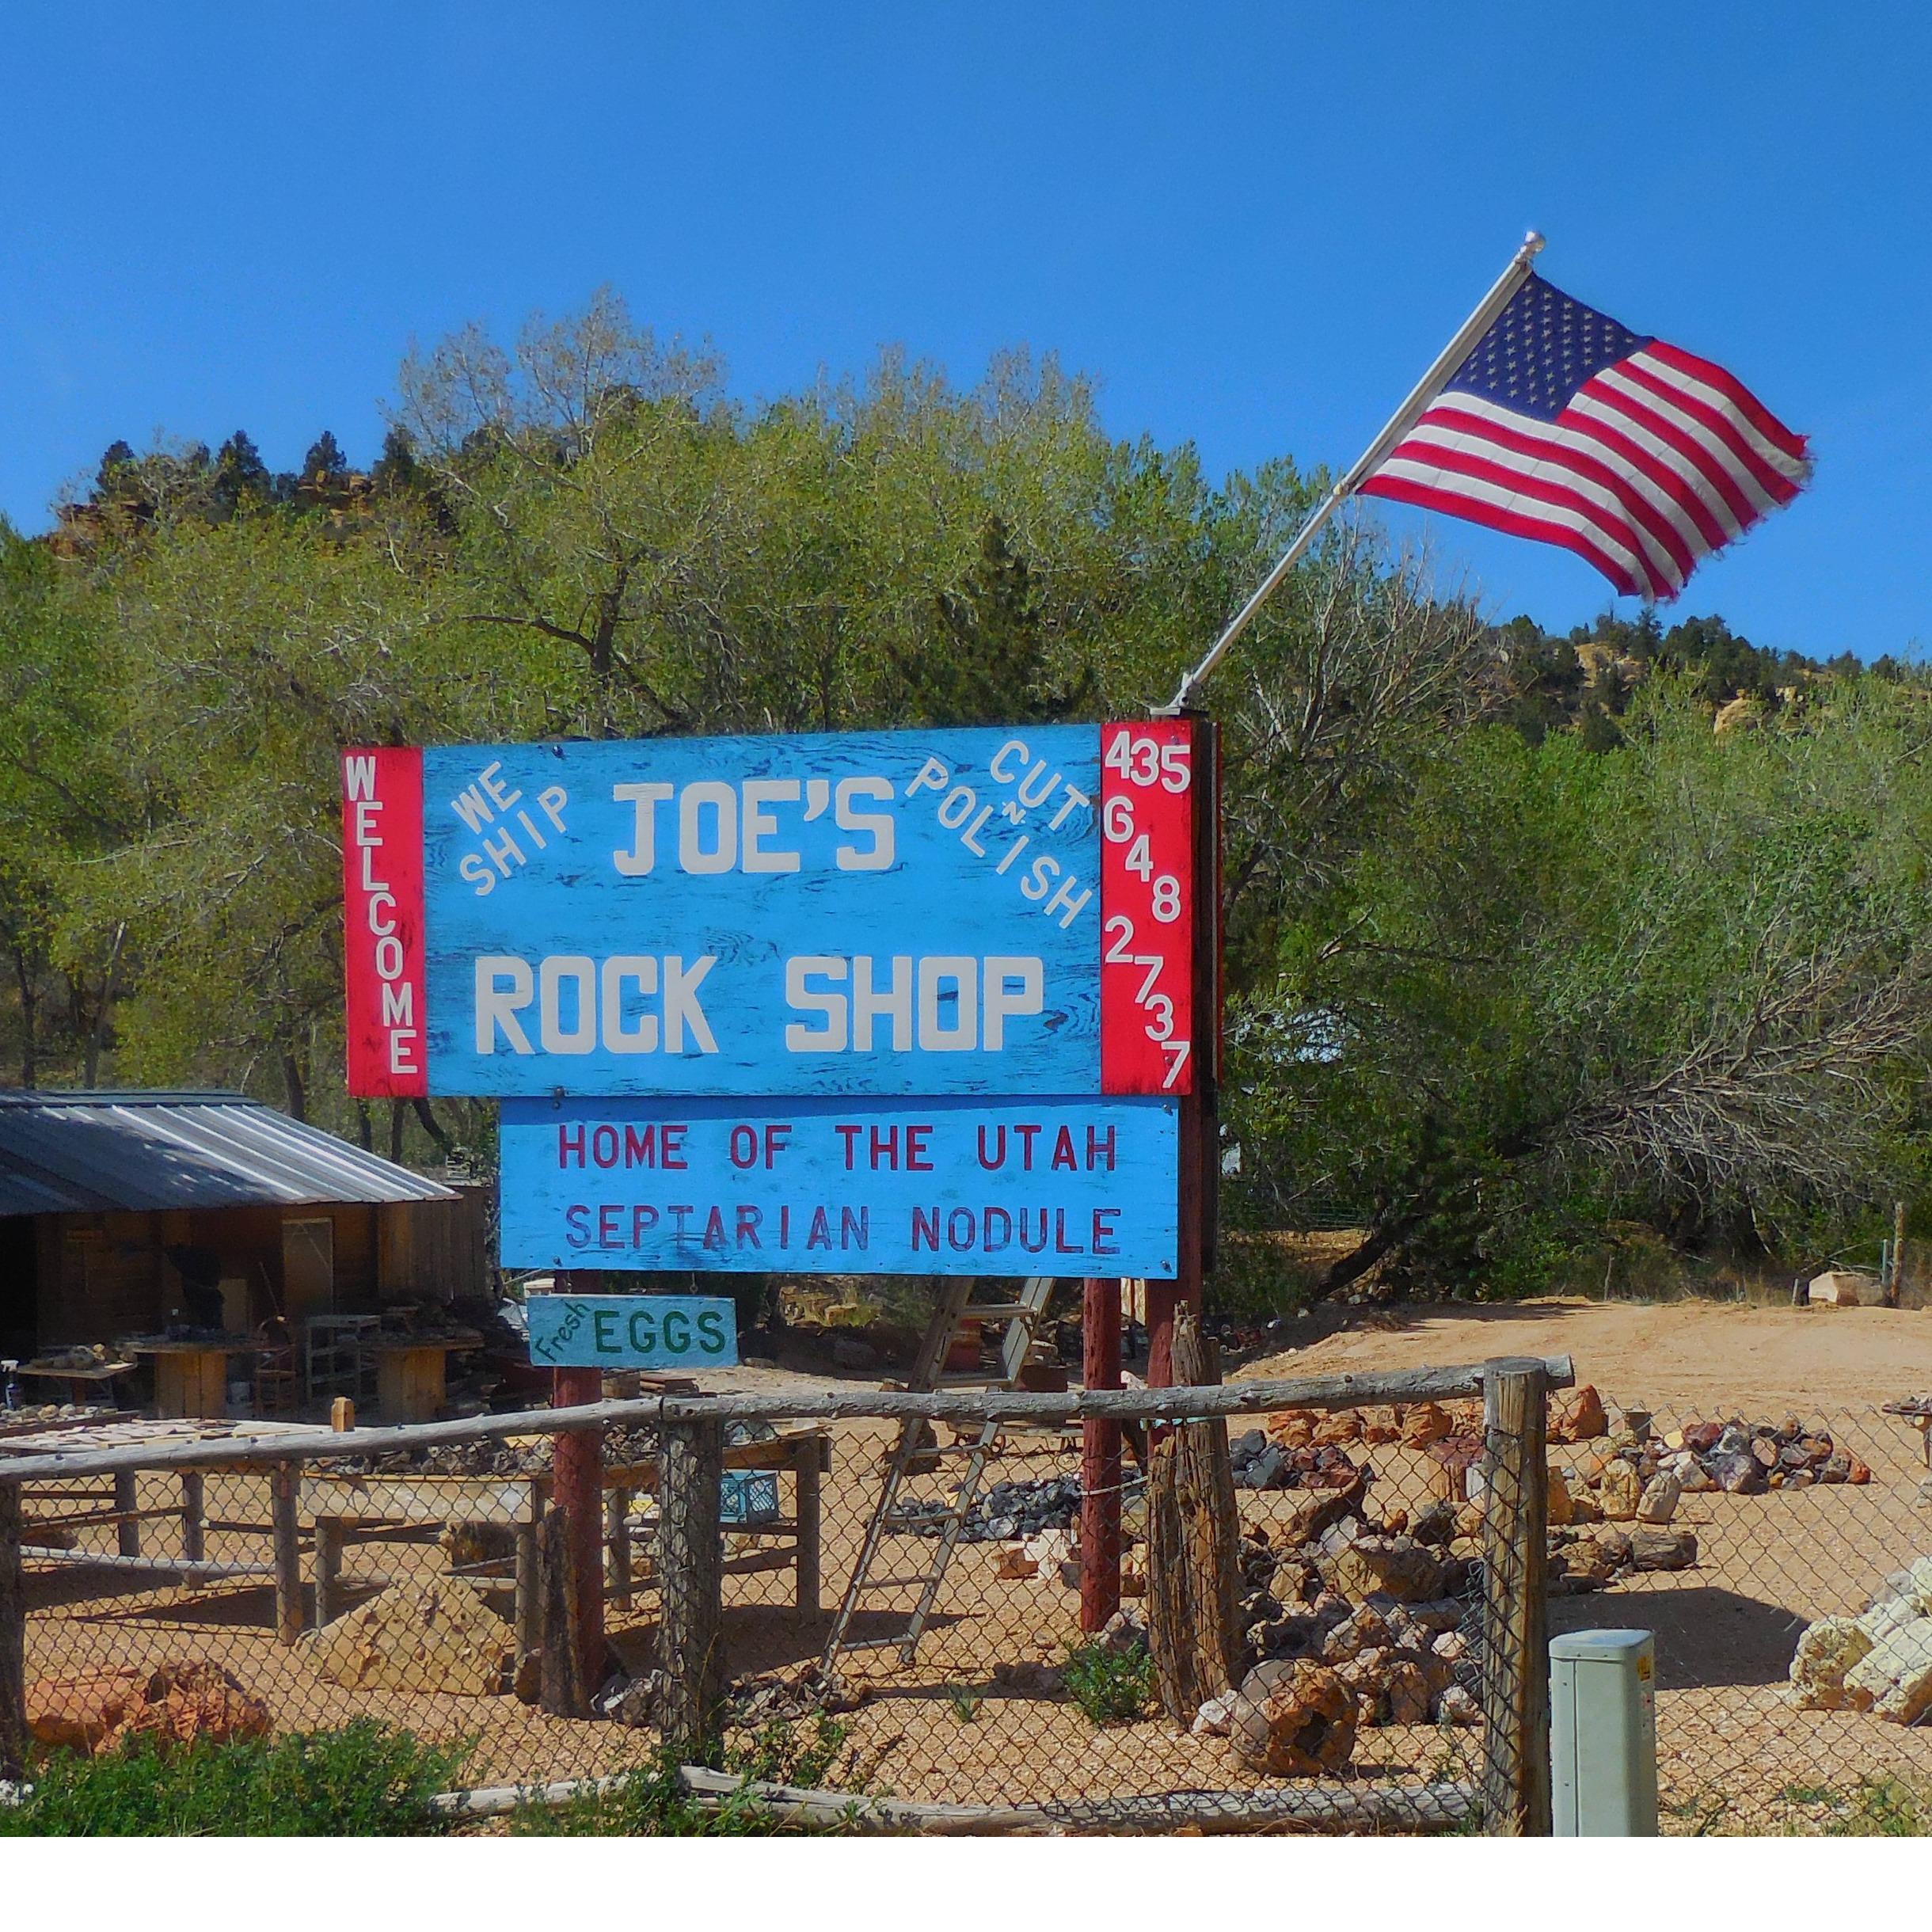 Joe's Rock Shop image 0